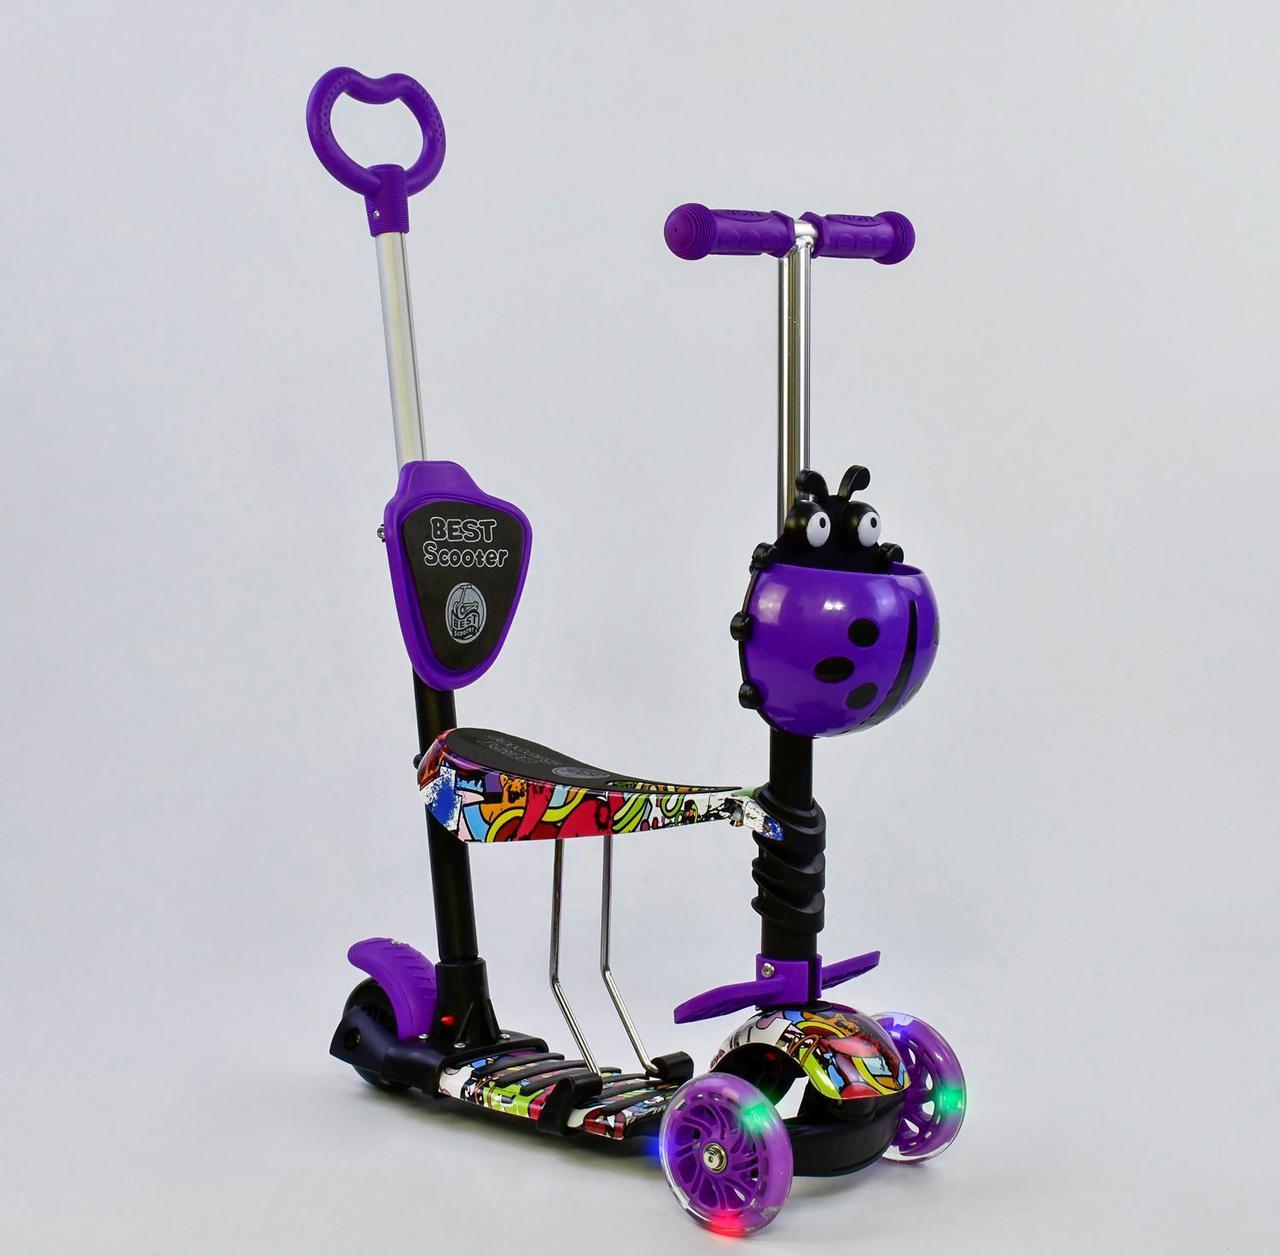 Самокат Best Scooter 13400 Фиолетовый 5в1 Mini 74062